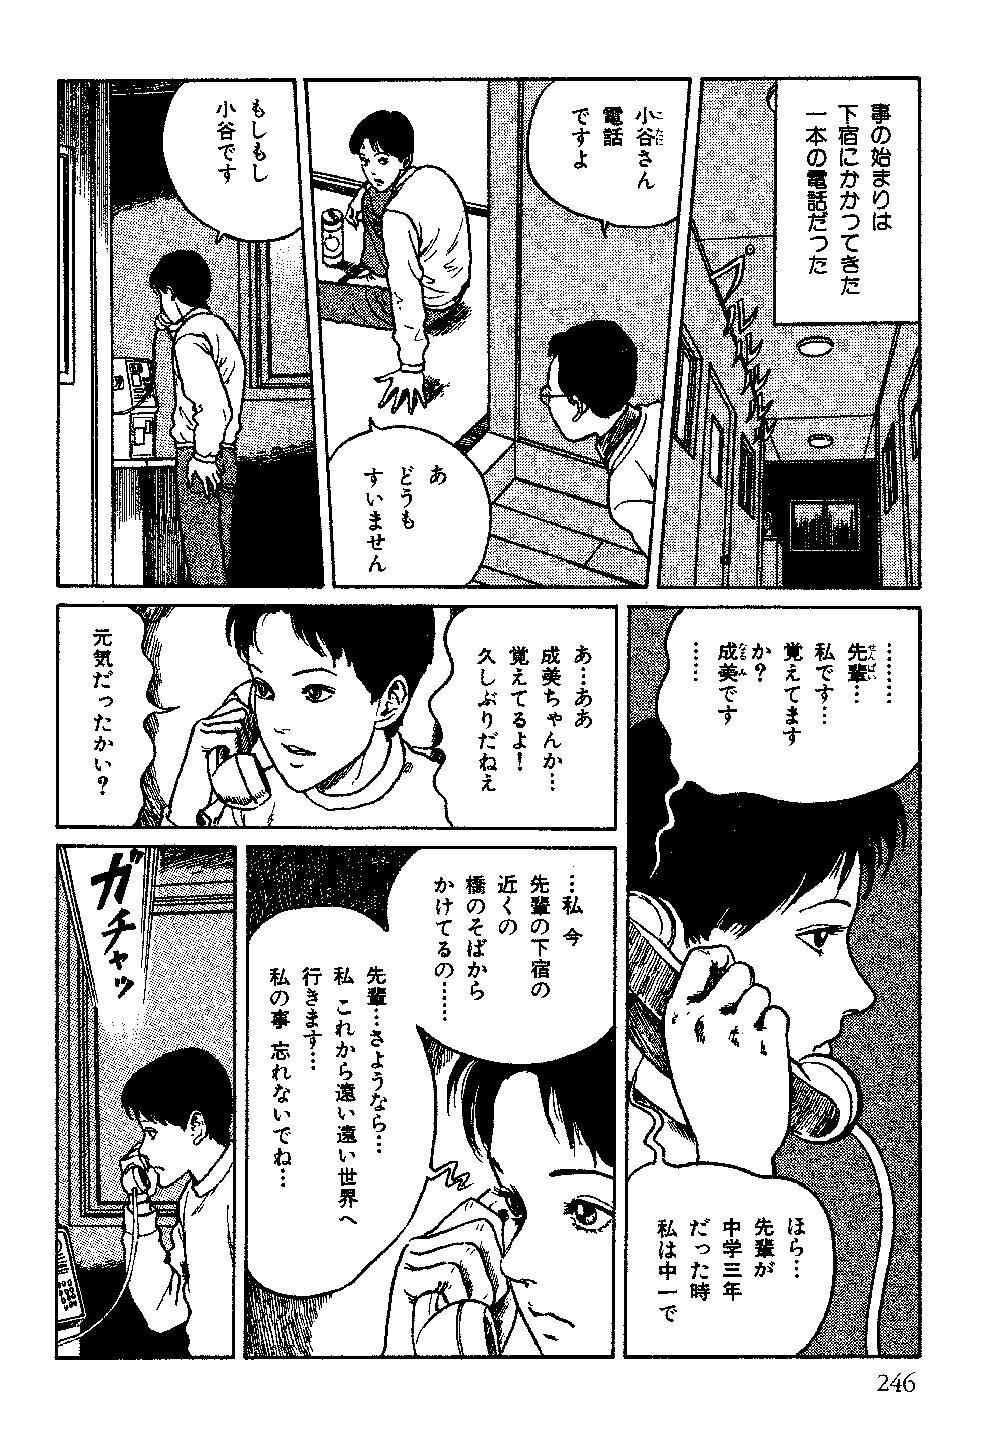 itouj_0004_0248.jpg